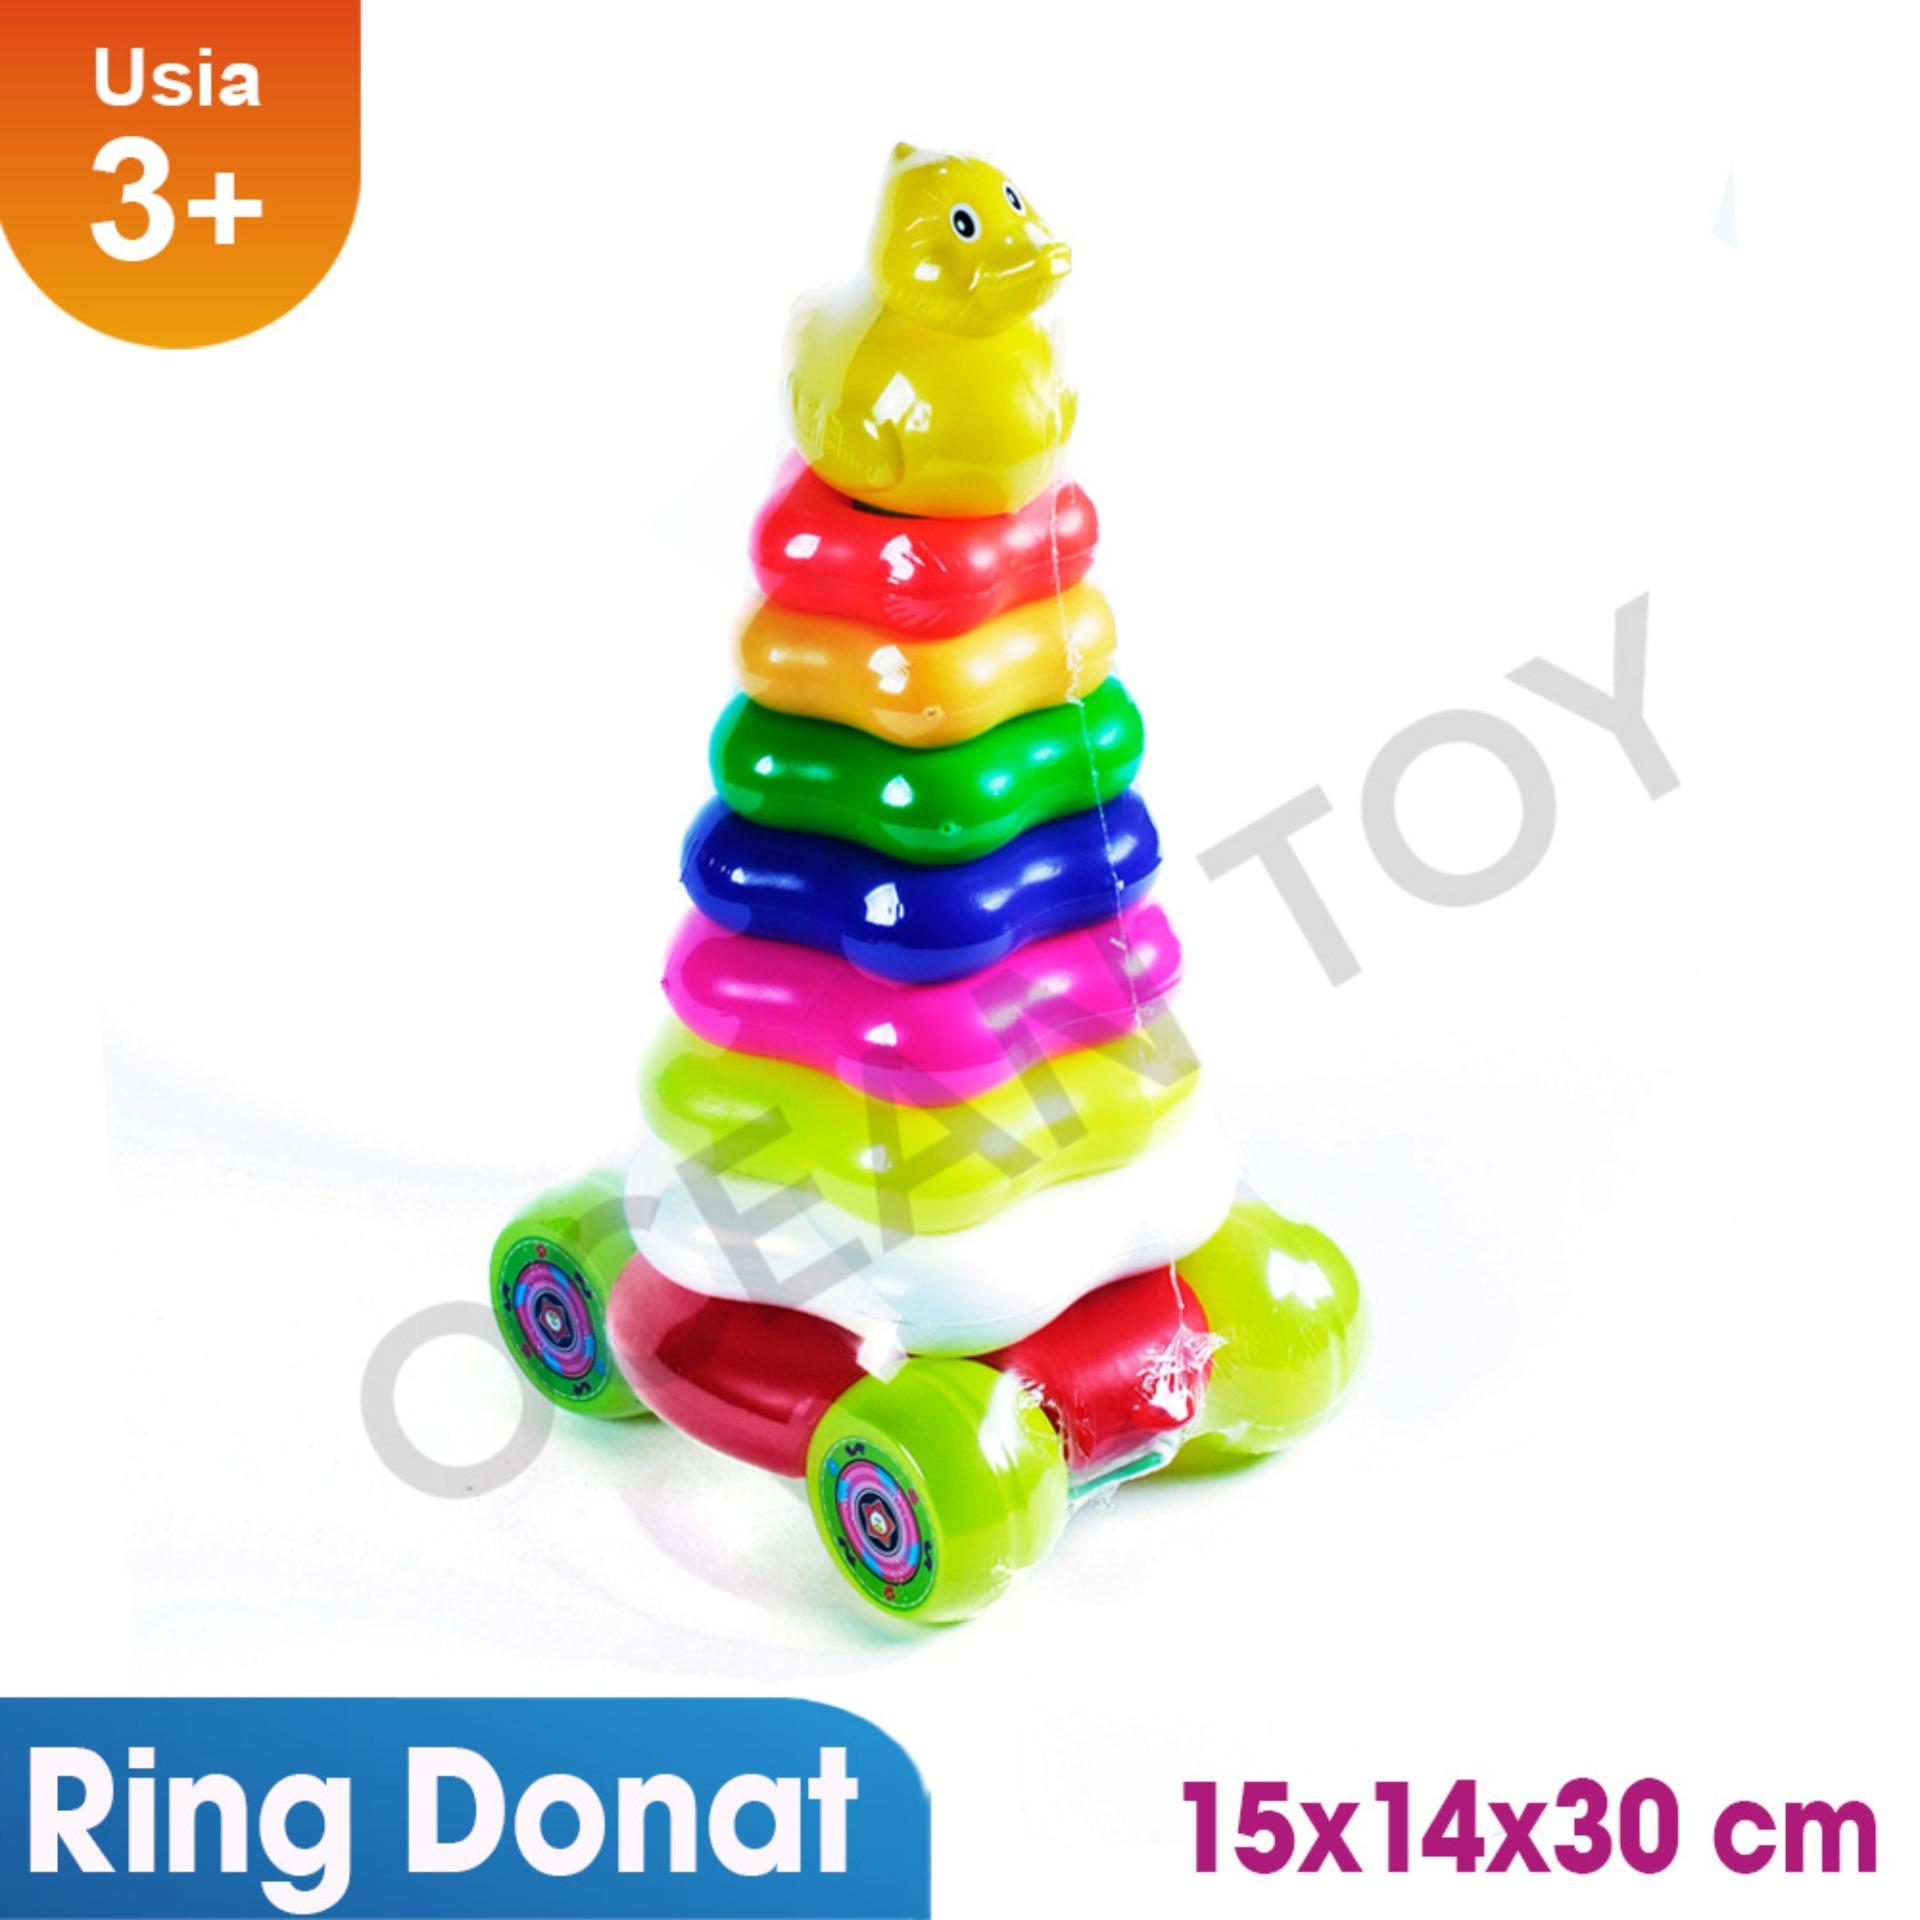 Mainan Ring Donat Bebek Spesial Promo PuaSale Lazada